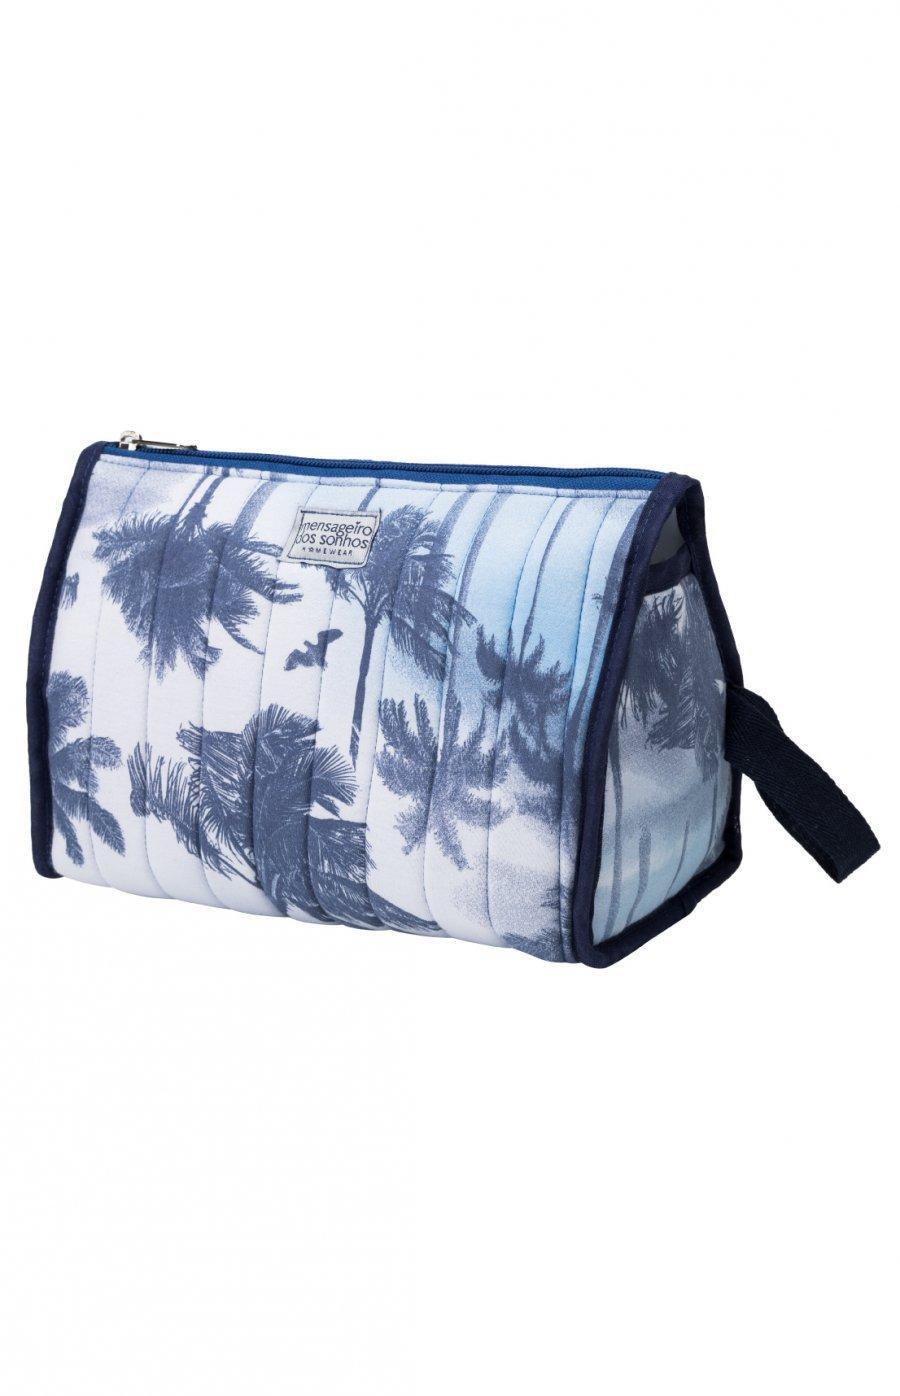 Necessaire Tropical Verão 2019